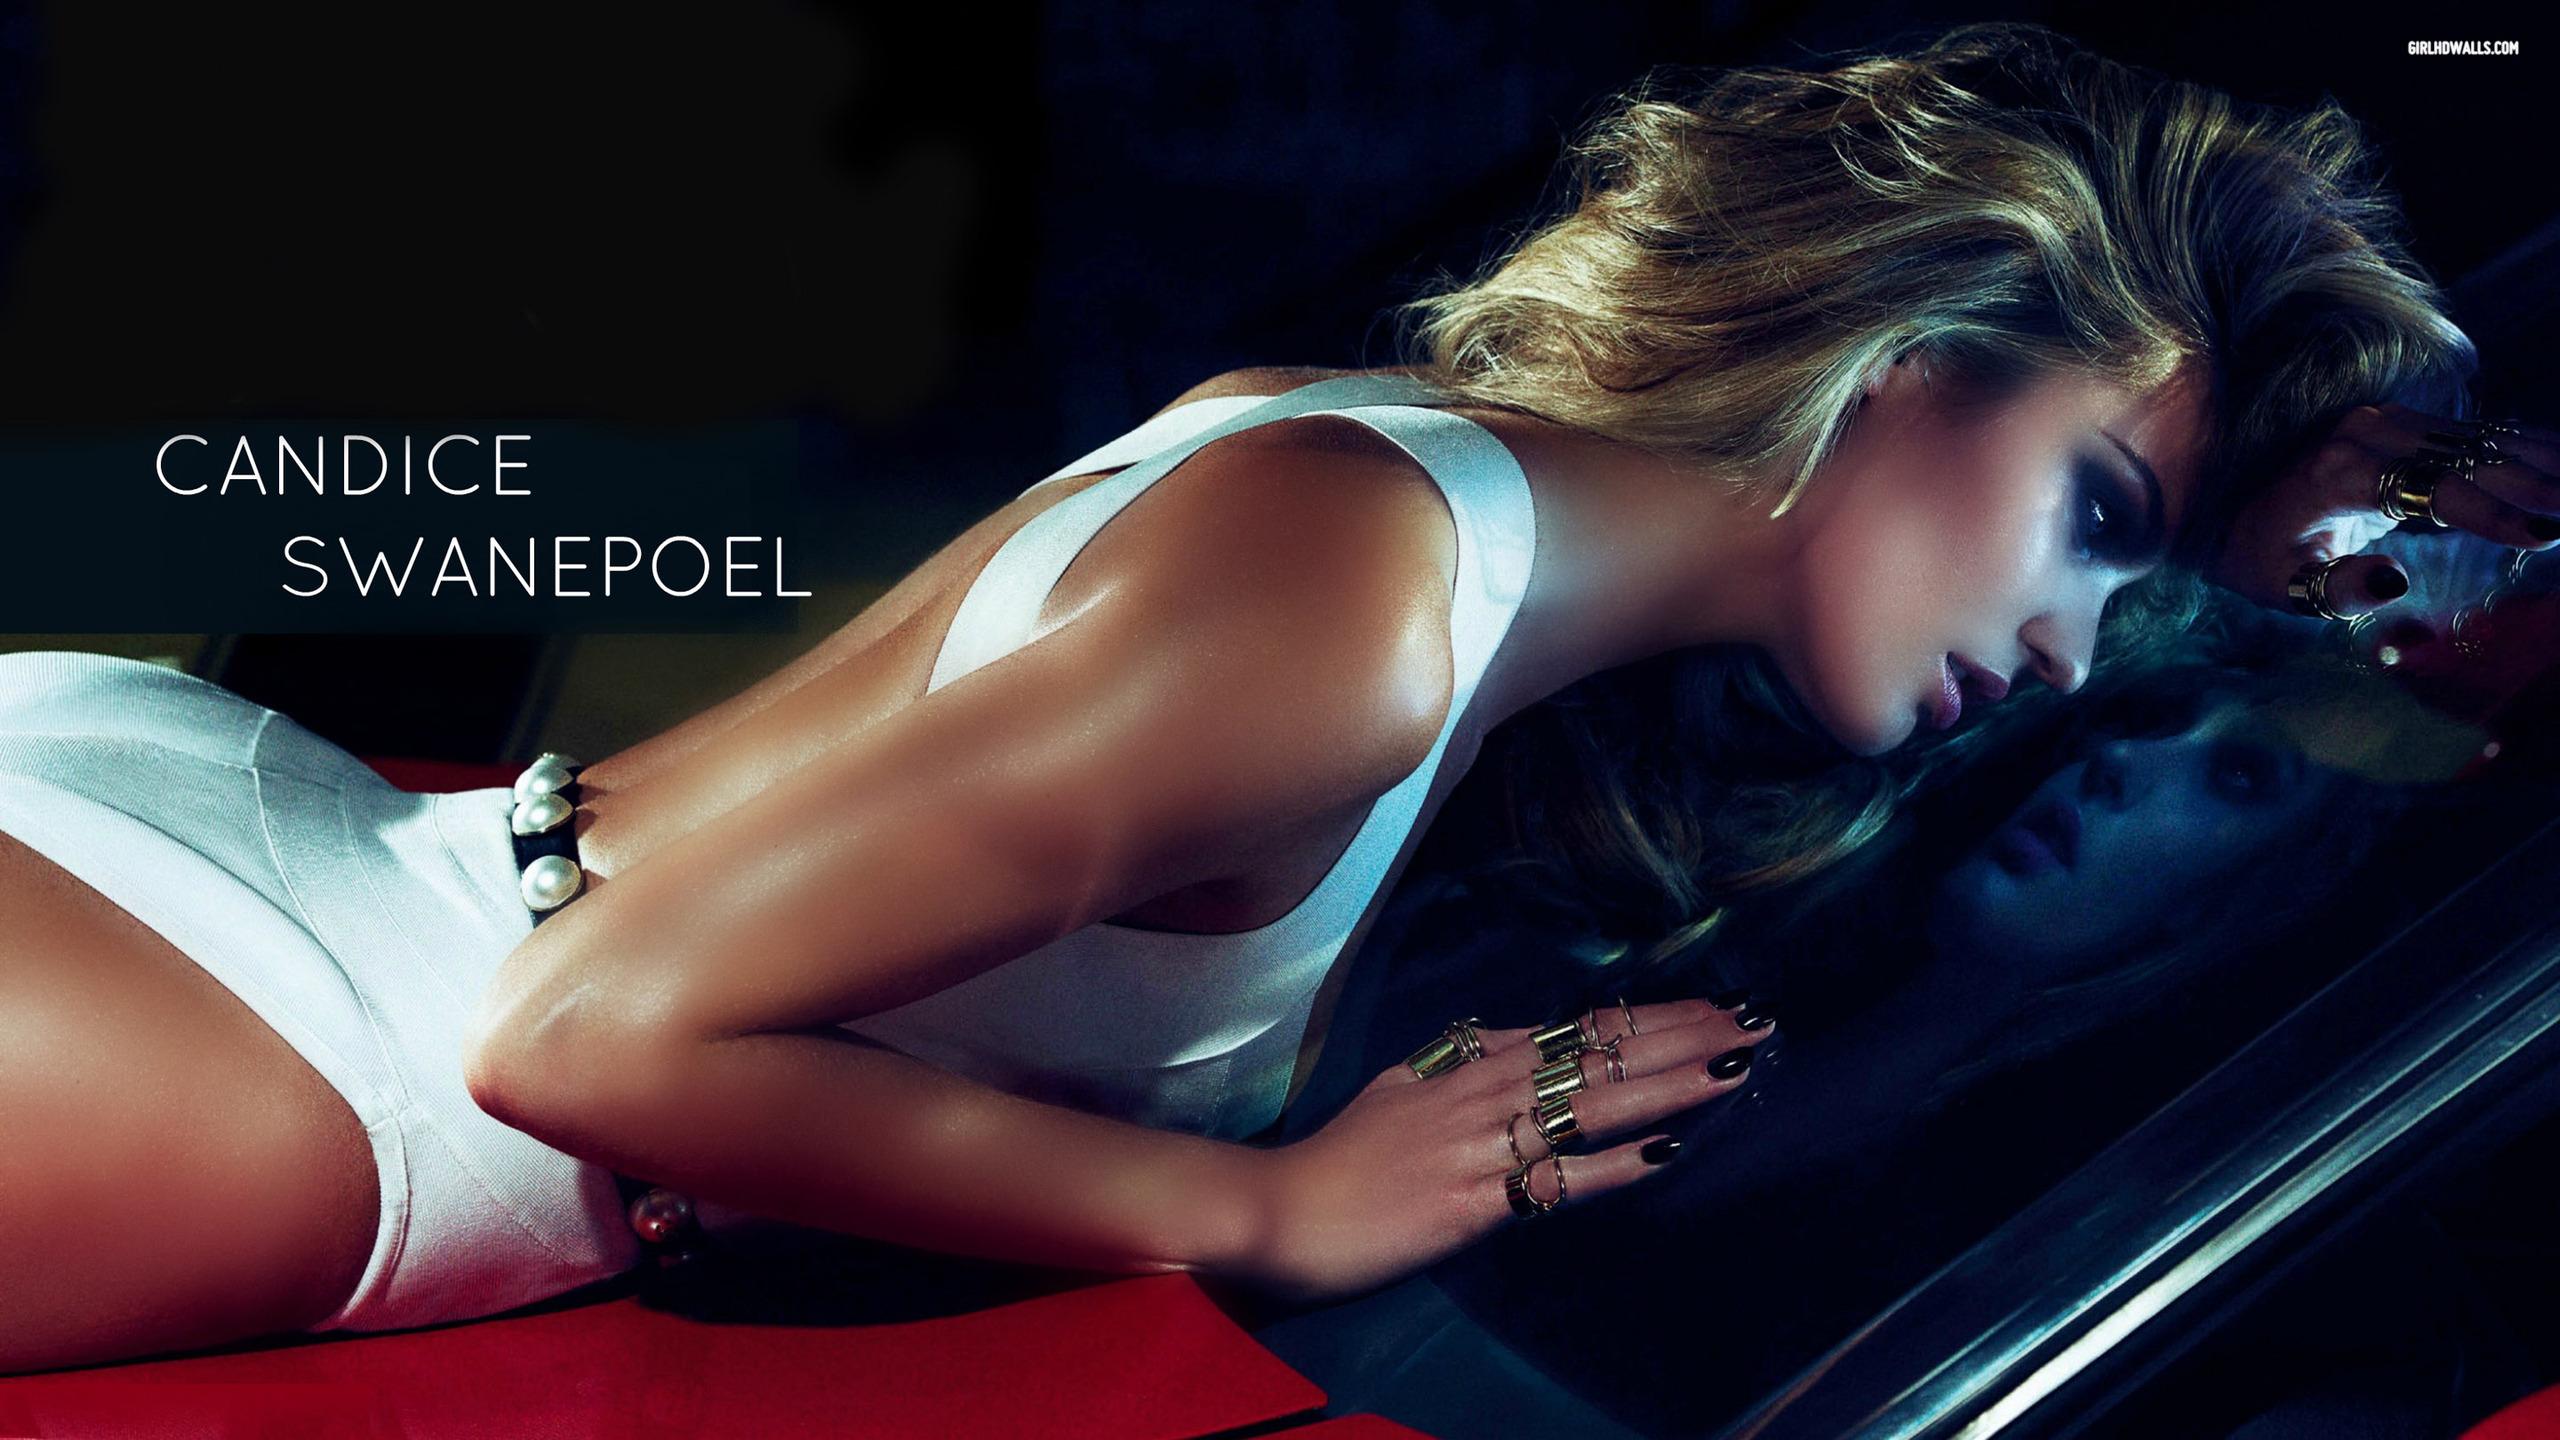 Candice Swanepoel Photos